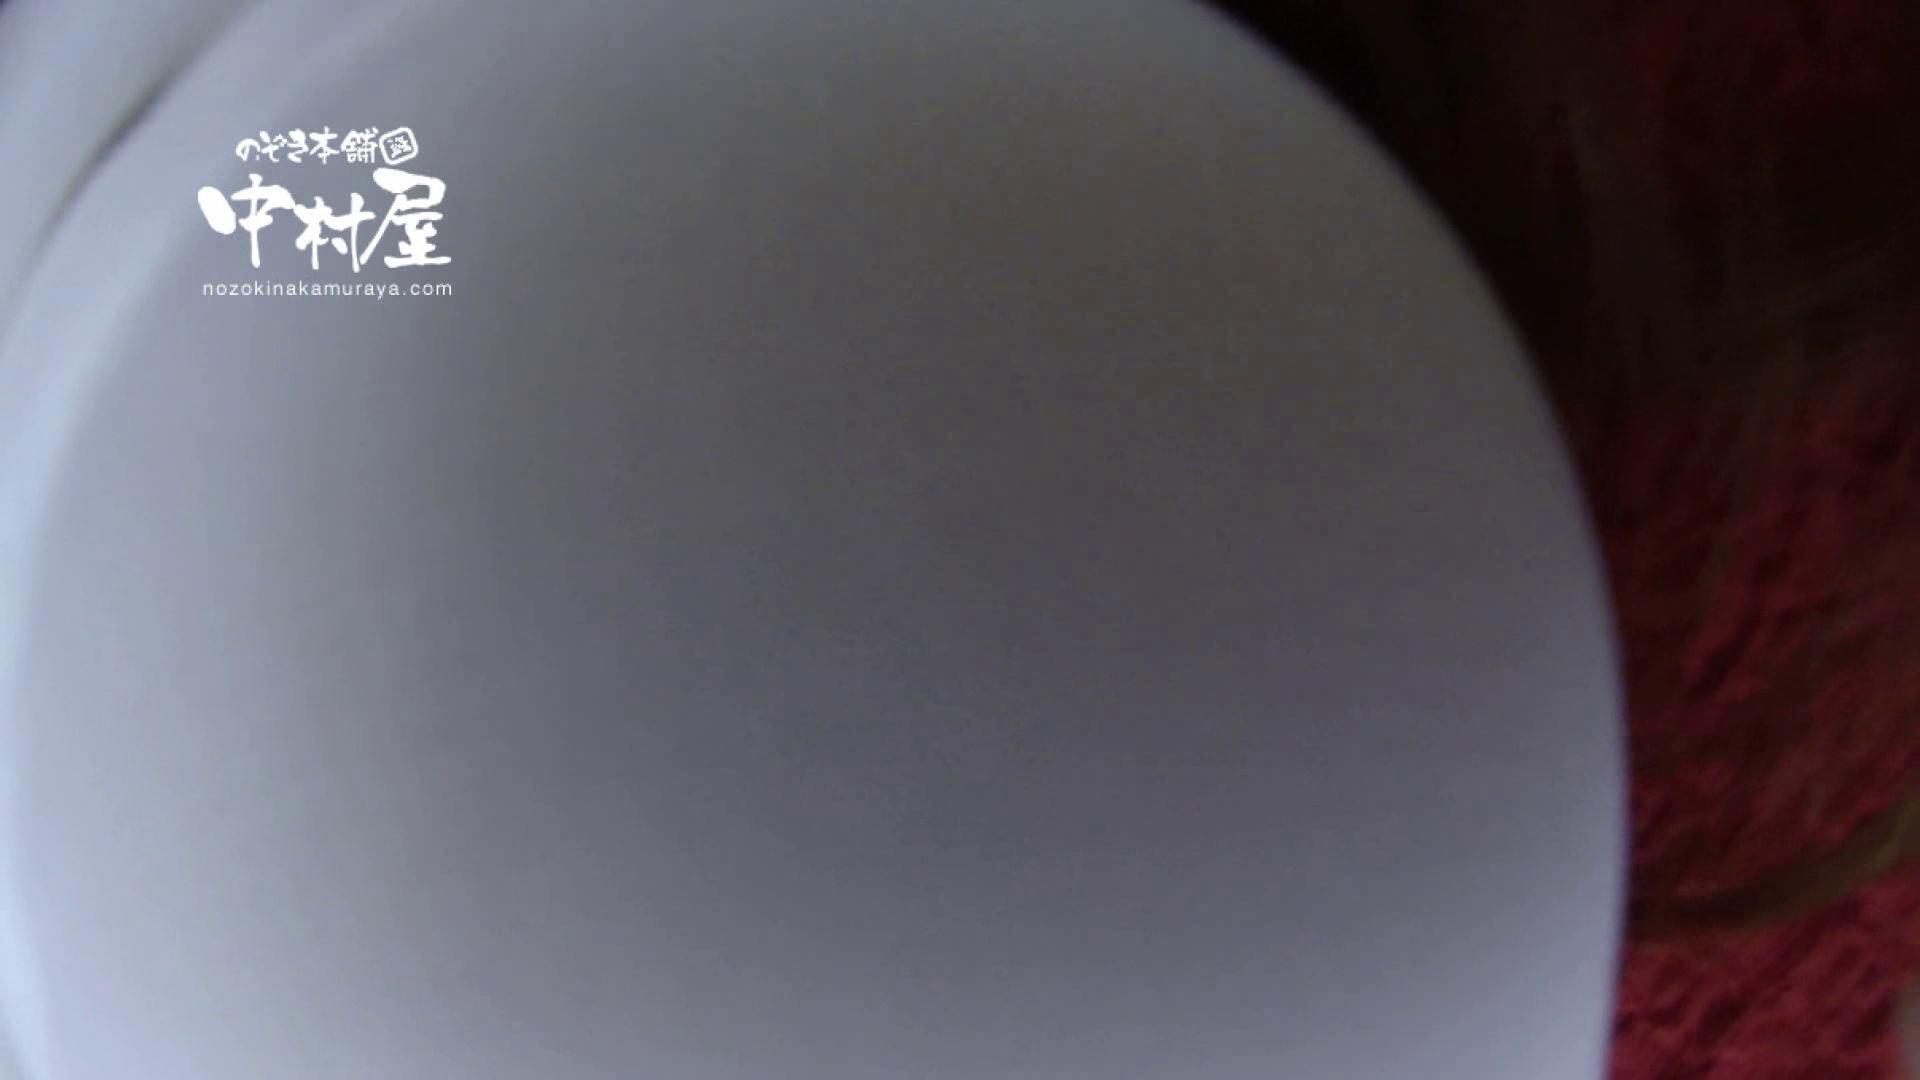 鬼畜 vol.07 パイパンだと?!中出ししてやる! 前編 鬼畜   中出し  10枚 4